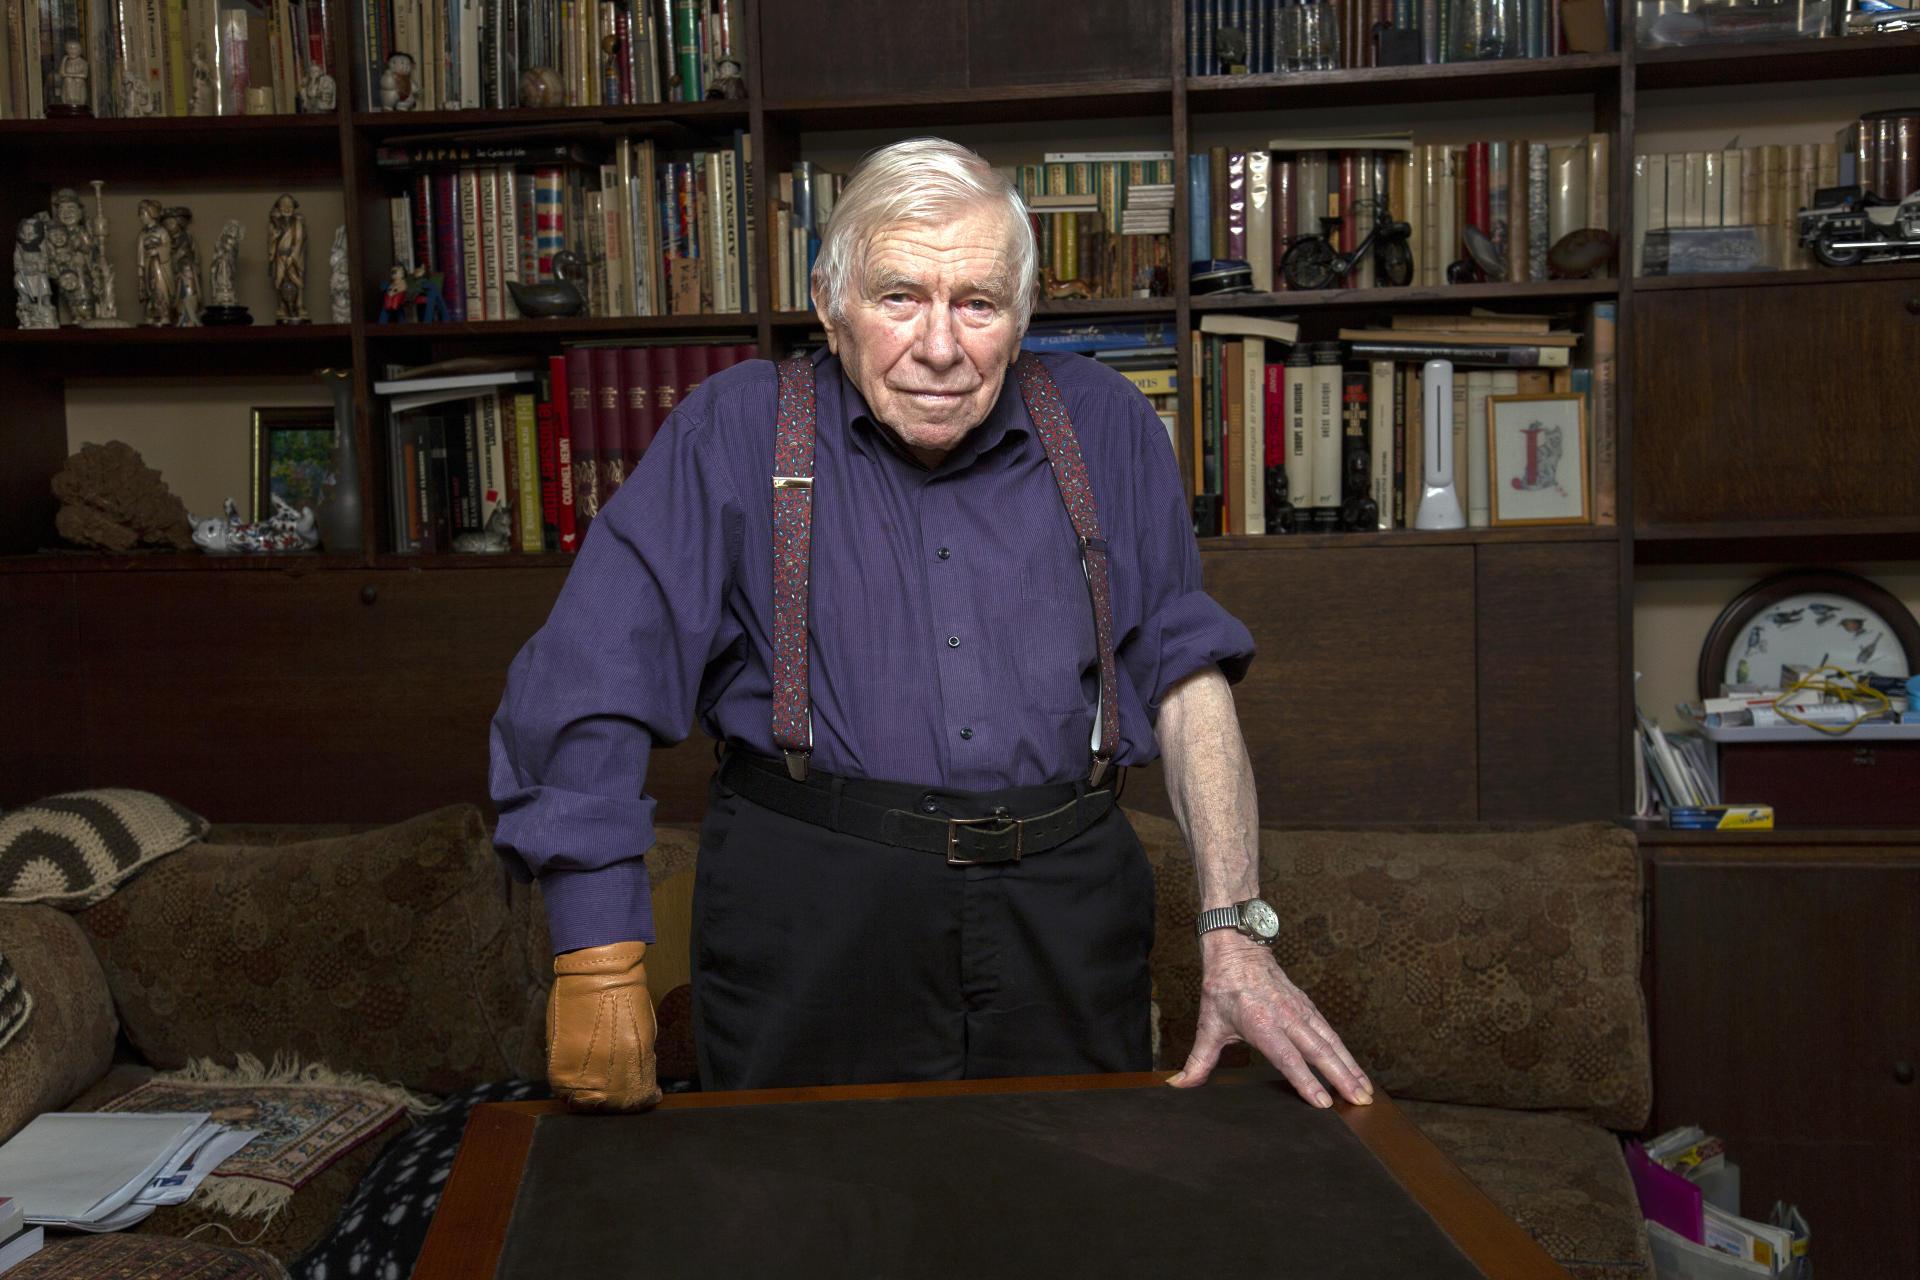 Jacques Bloch a participé à la libération de Guéret avant d'être fait prisonnier, puis interné au camps de Buchenwald. Ici, à Paris, en décembre 2019.